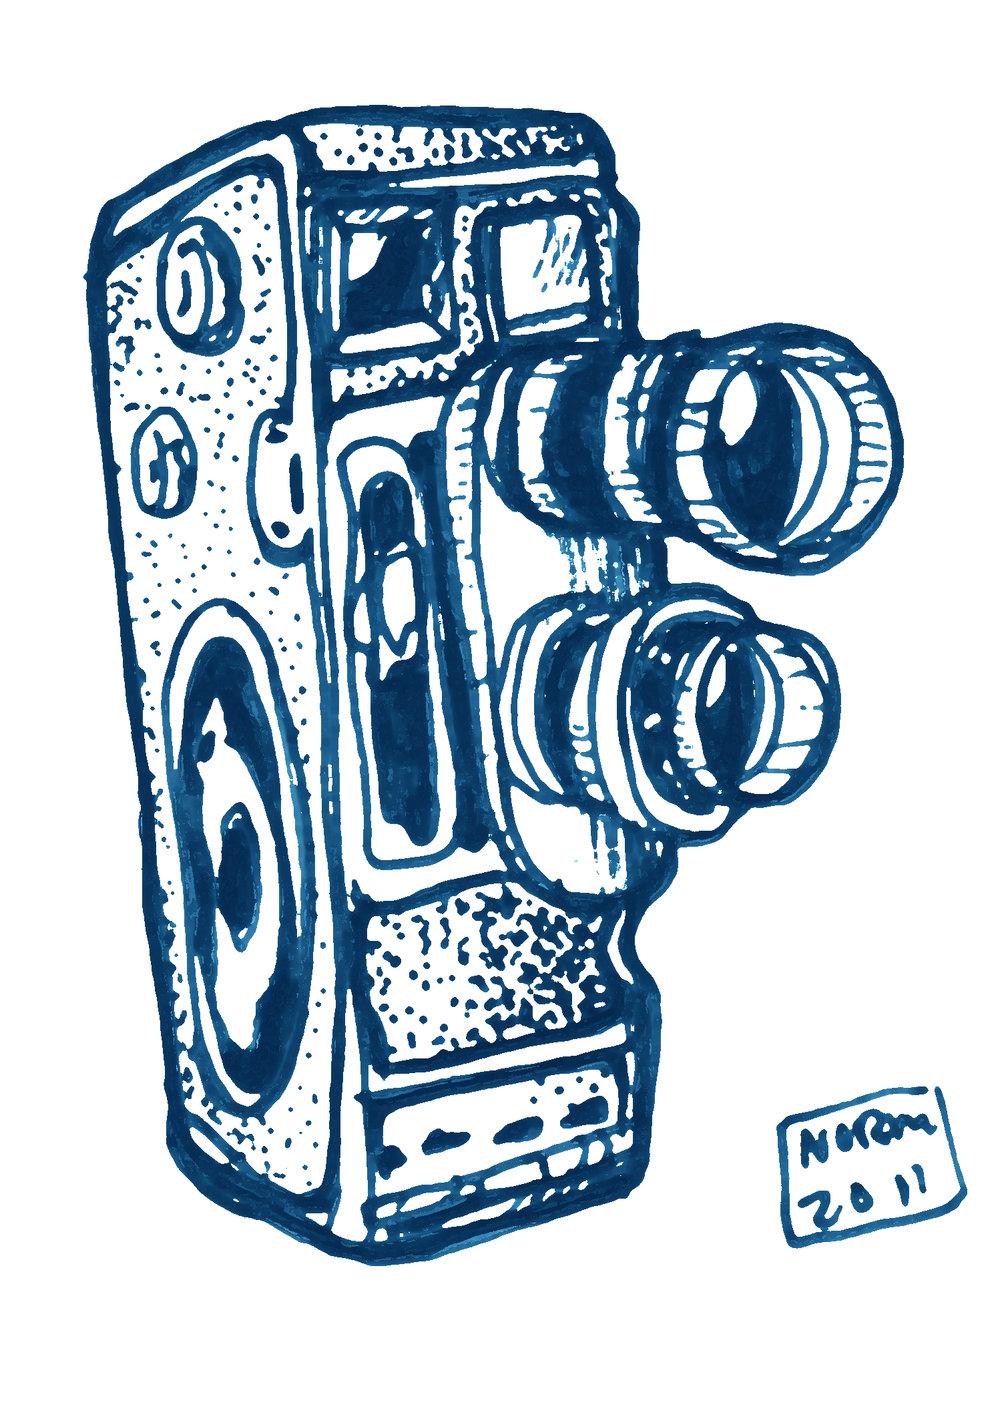 caxmera100.jpg